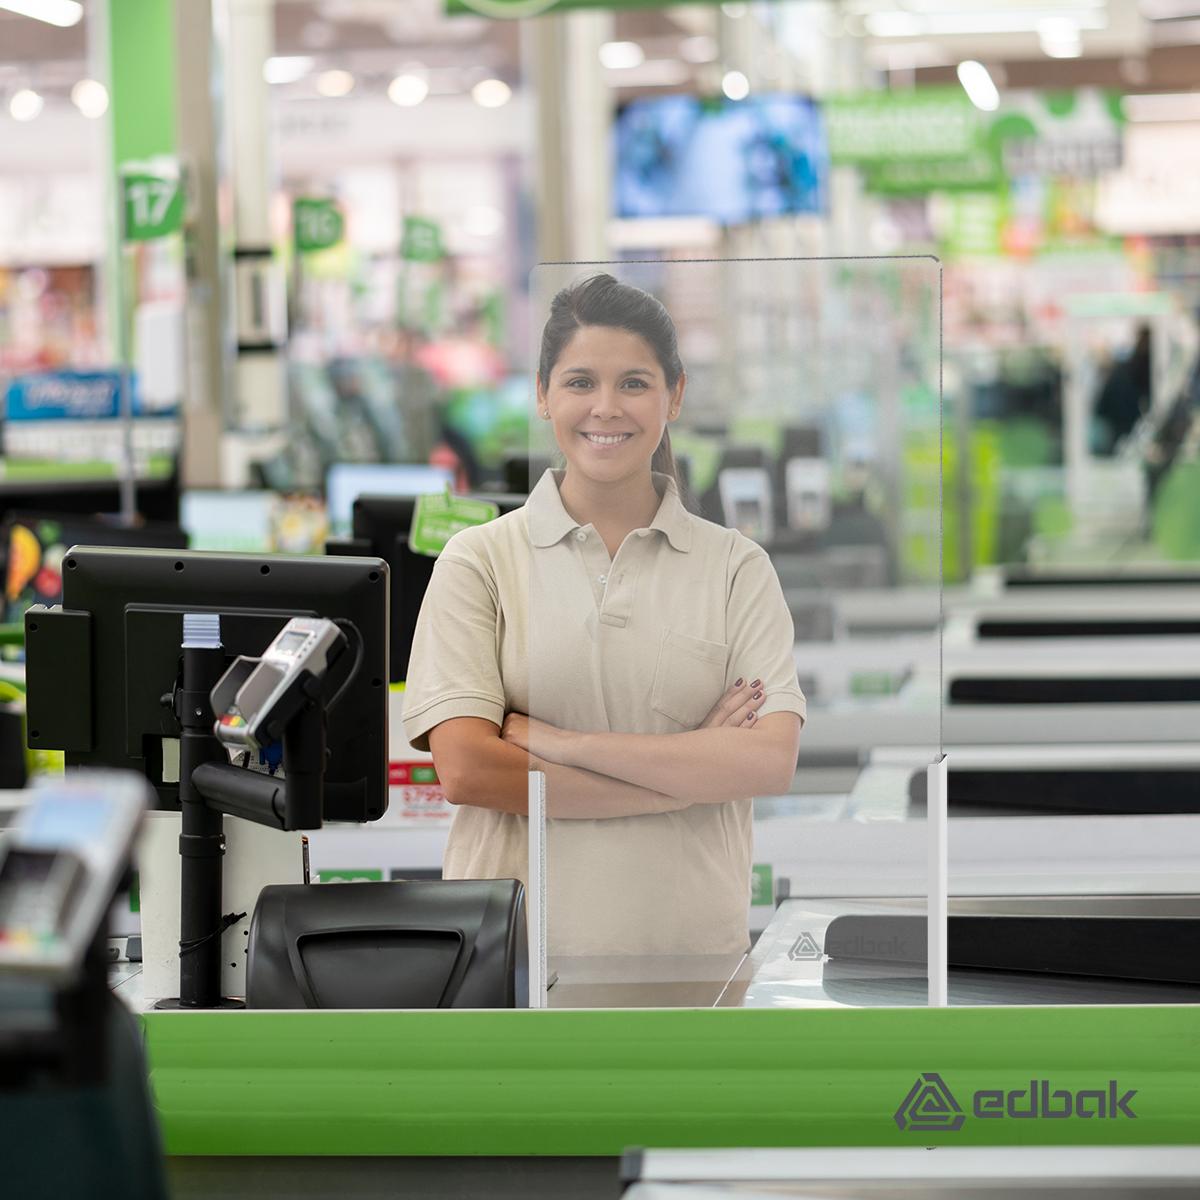 edbak_Retail